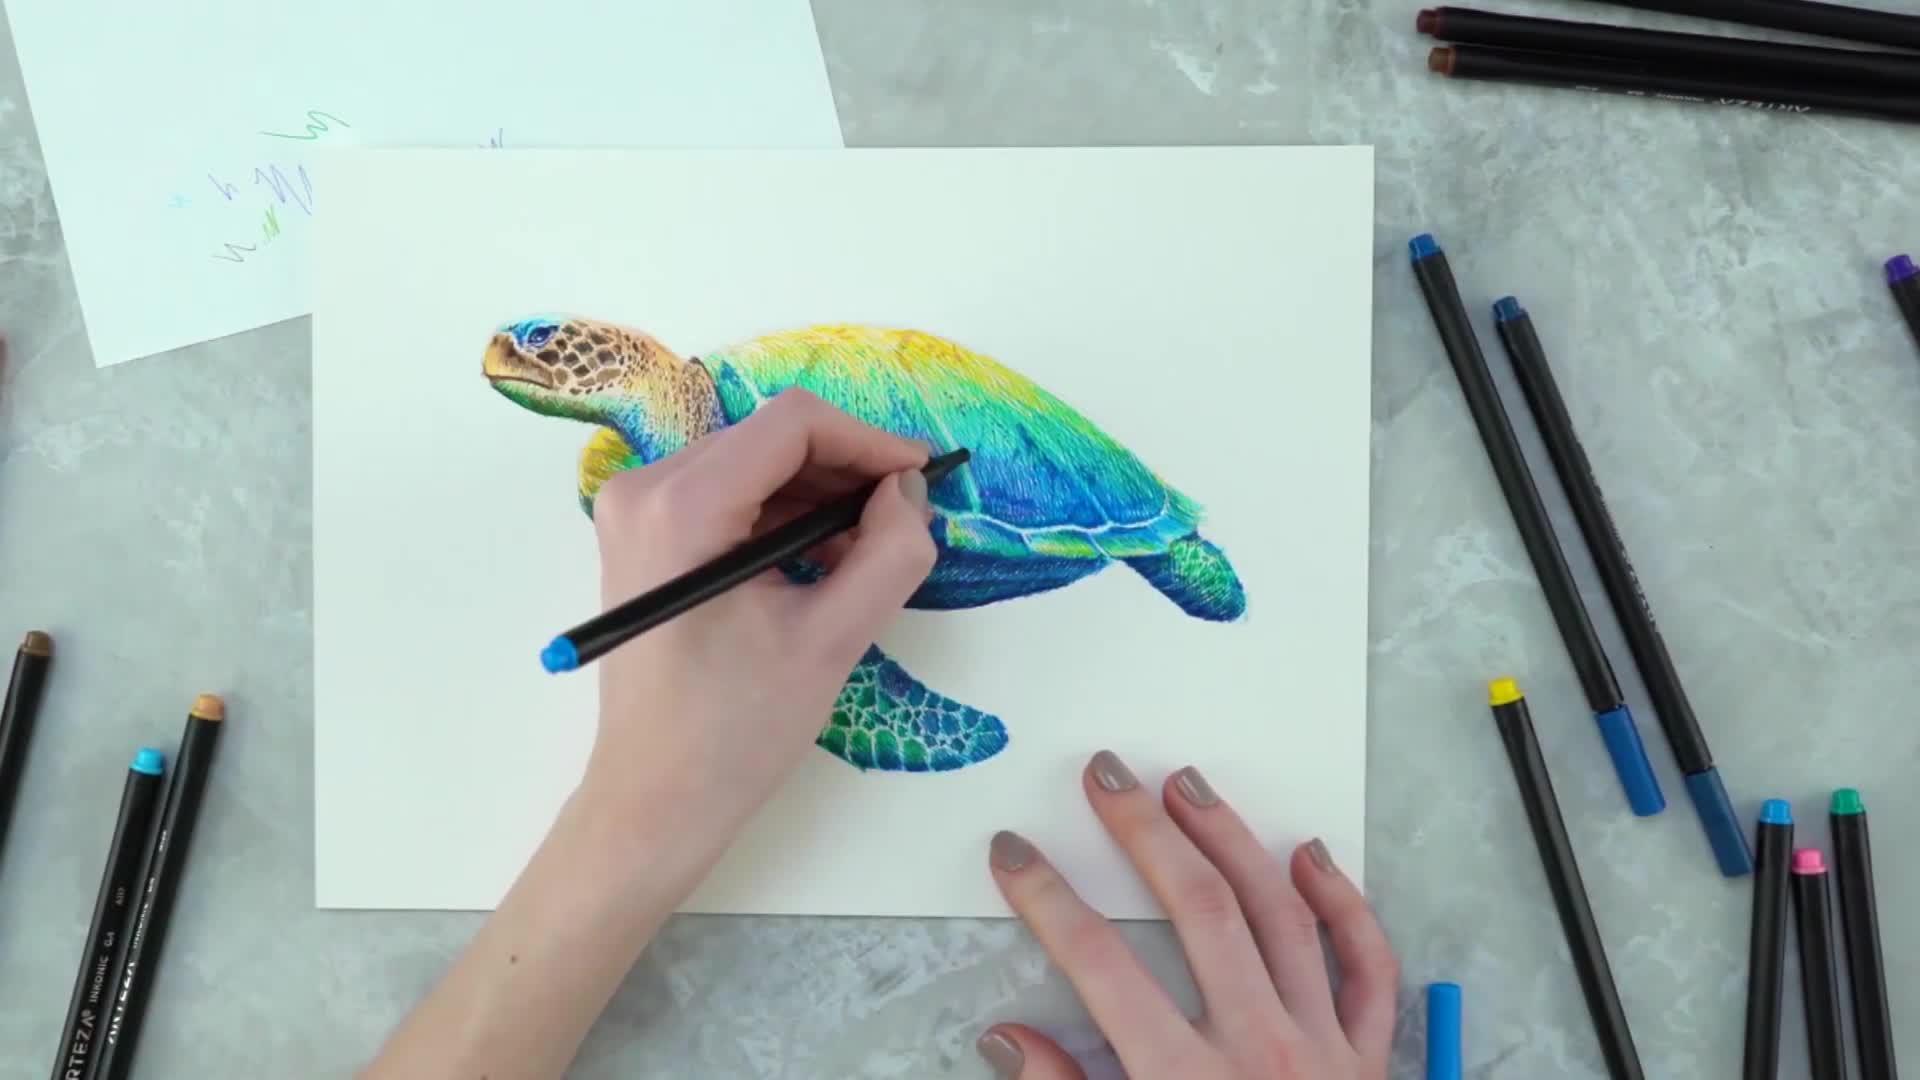 DIY马克笔手绘视频教程:手绘活灵活现的海龟先生